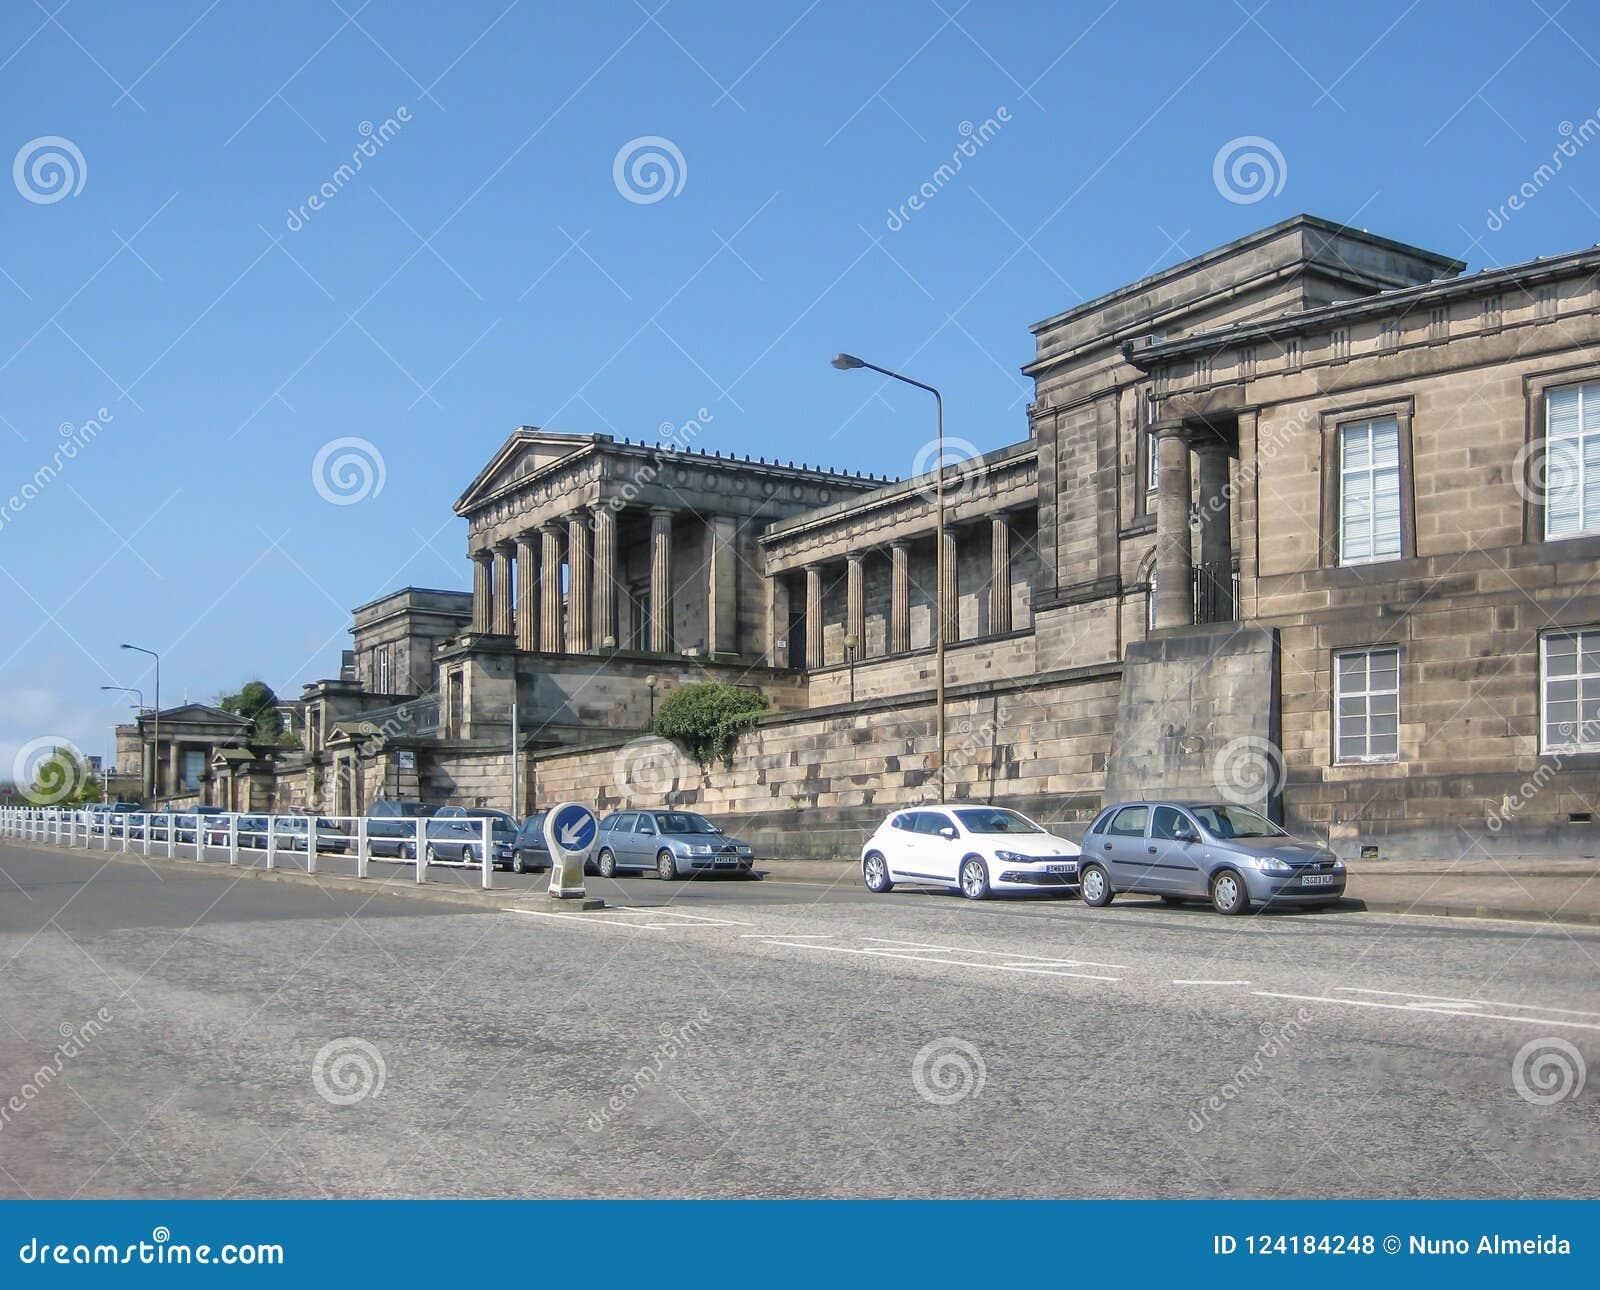 Πλευρική άποψη προοπτικής του παλαιού βασιλικού γυμνασίου, Εδιμβούργο